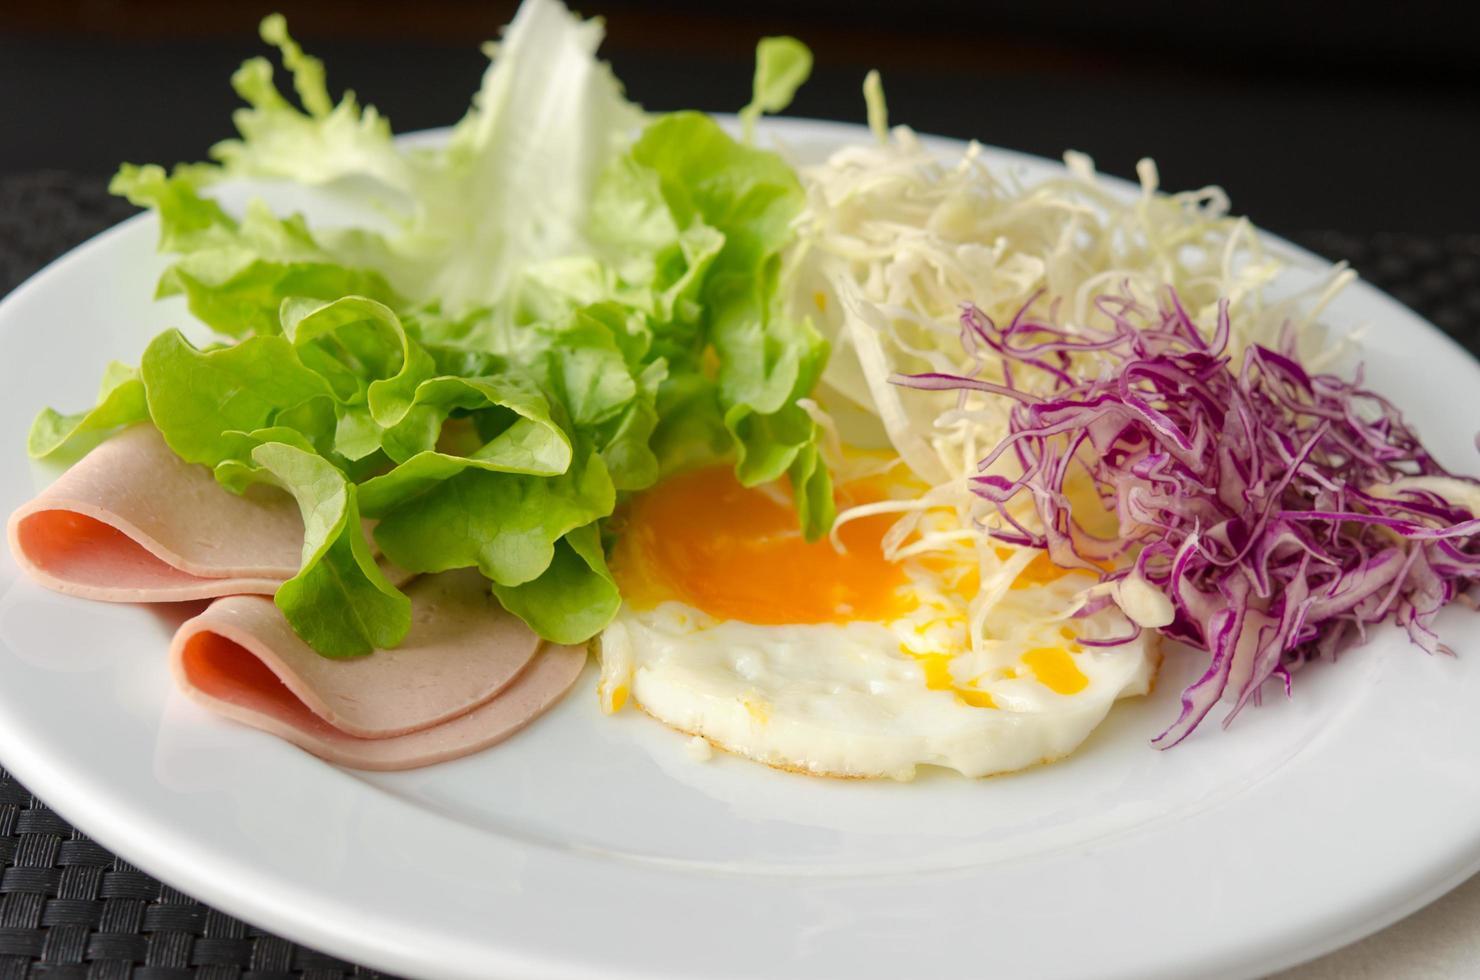 desayuno de huevo en un plato foto